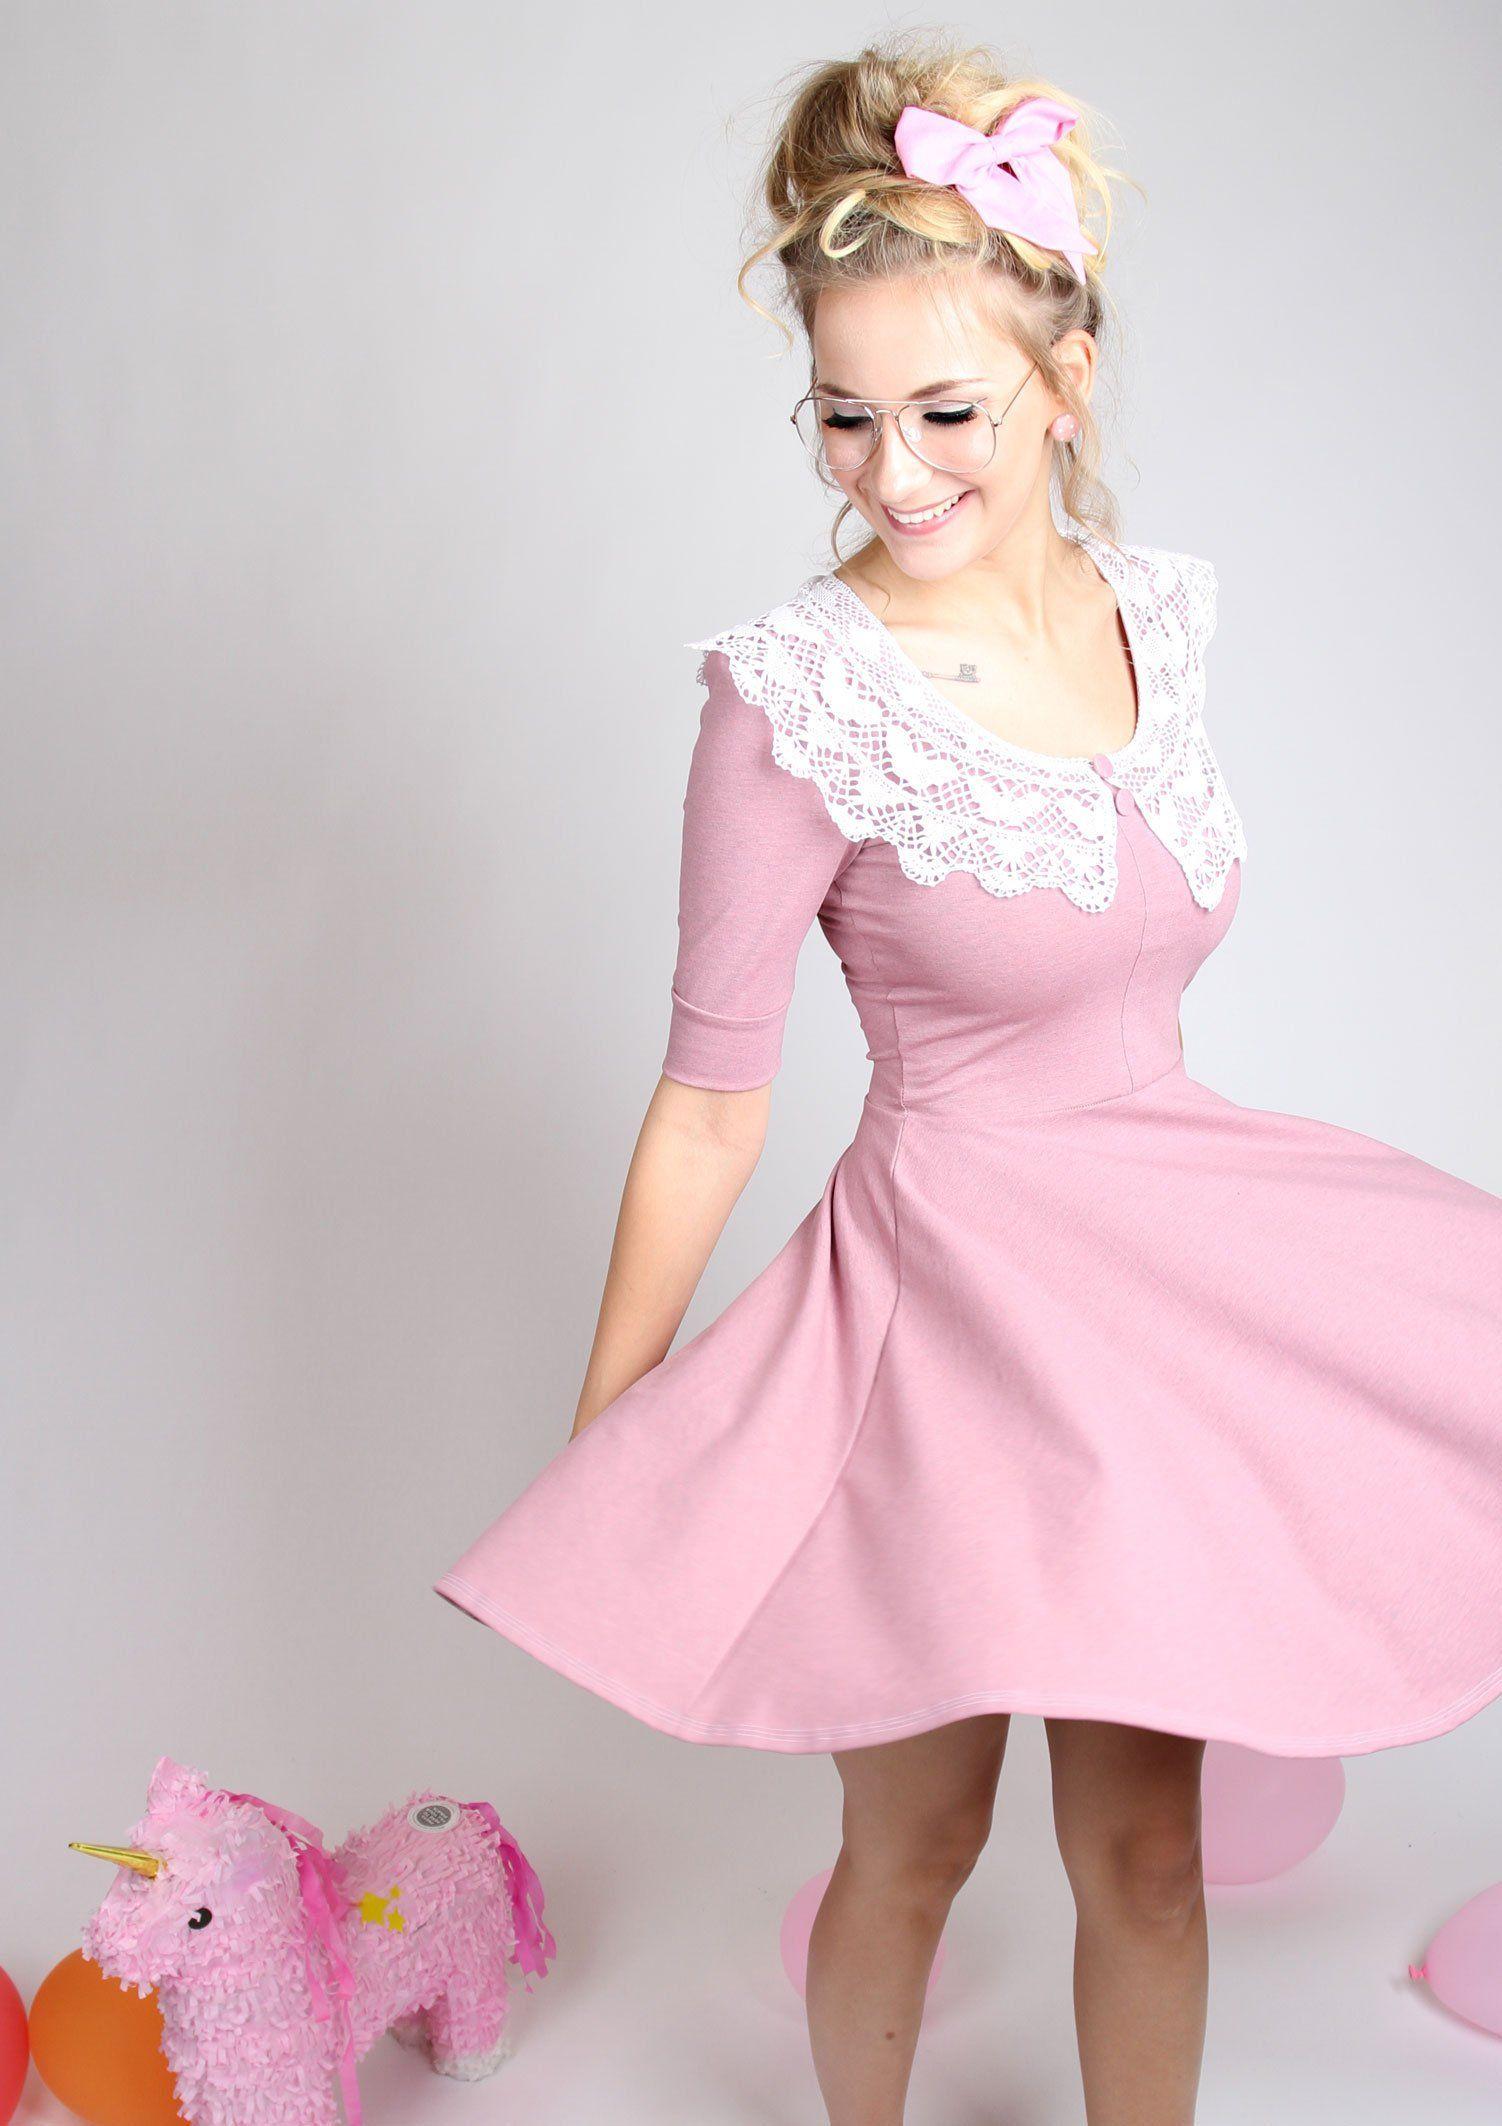 Ahnliche Artikel Wie Meko Grany Kleid Altrosa Damen Kragen Tanzkleid Auf Etsy Collars For Women Dance Dresses Perfect Dress